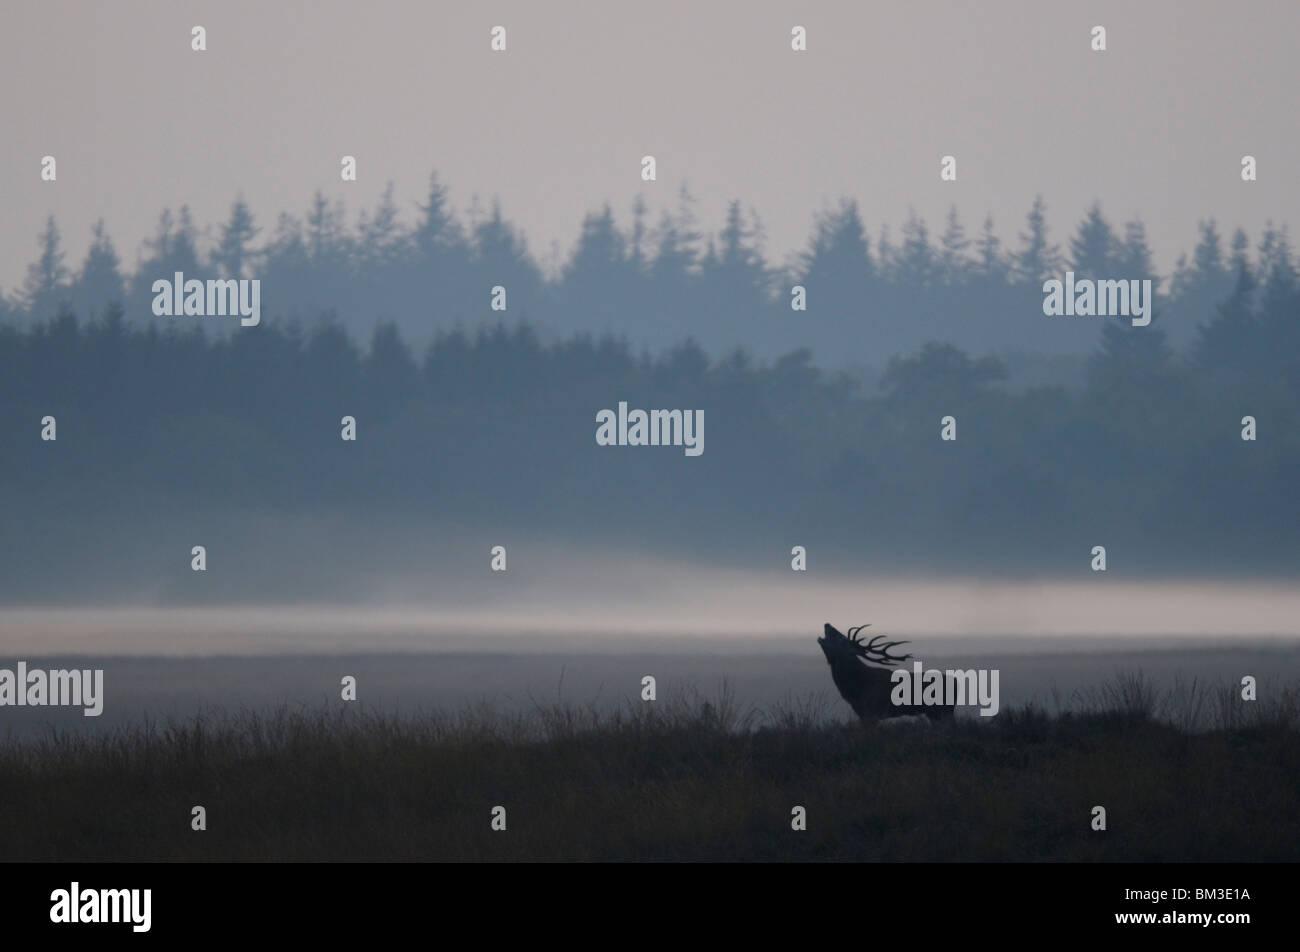 Il cervo (Cervus elaphus). Feste di addio al celibato ruggente durante il solco, Paesi Bassi Immagini Stock